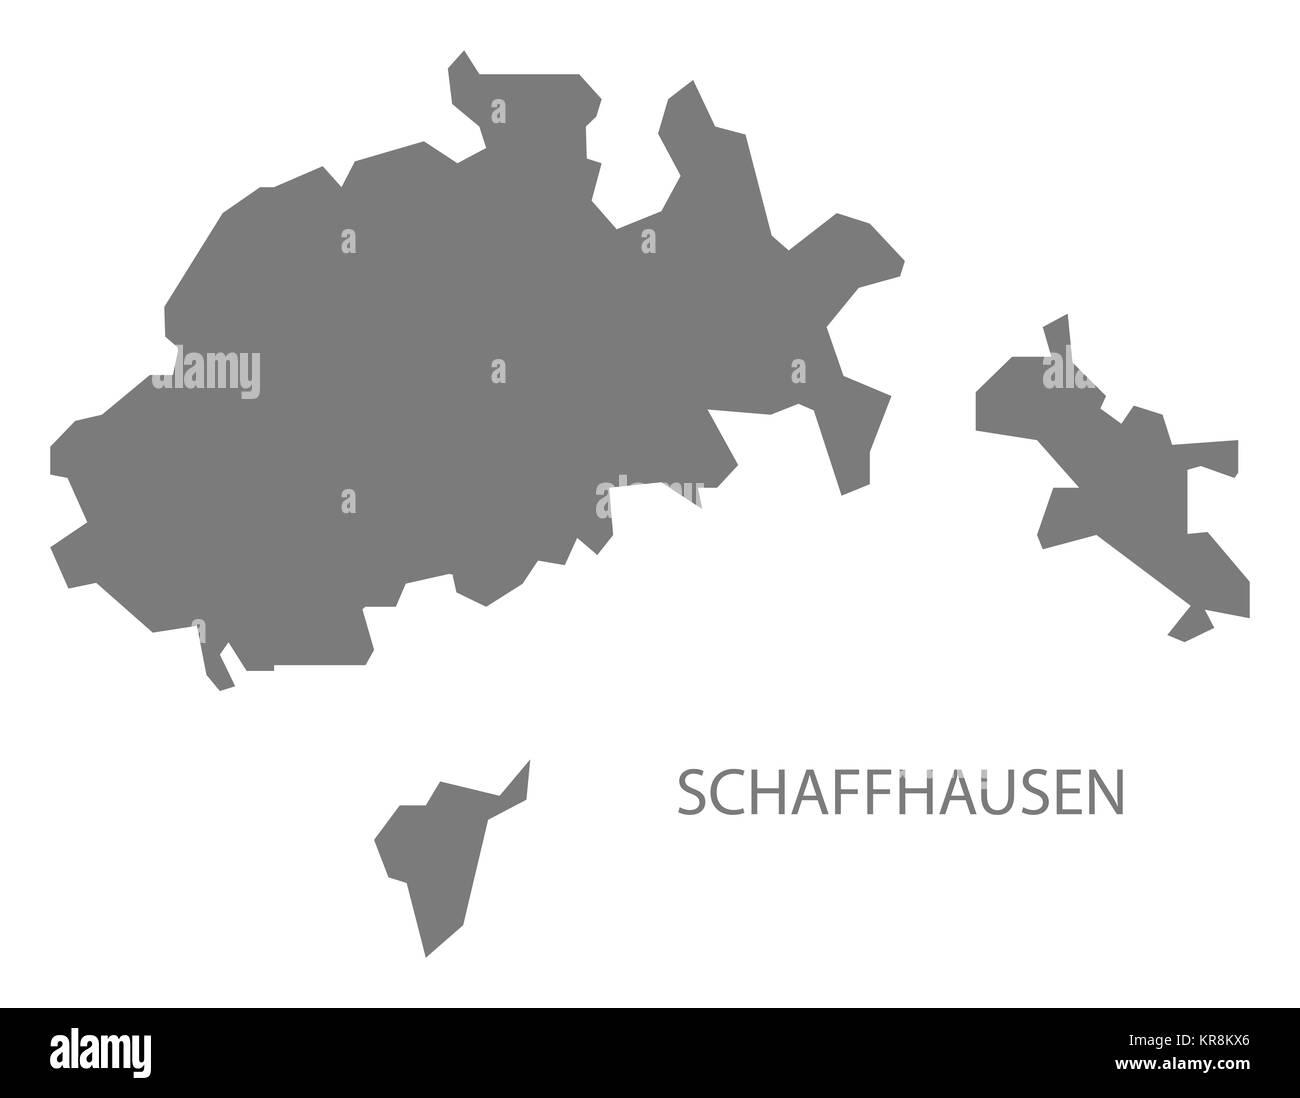 Schaffhausen Switzerland Map grey Stock Photo 169221646 Alamy